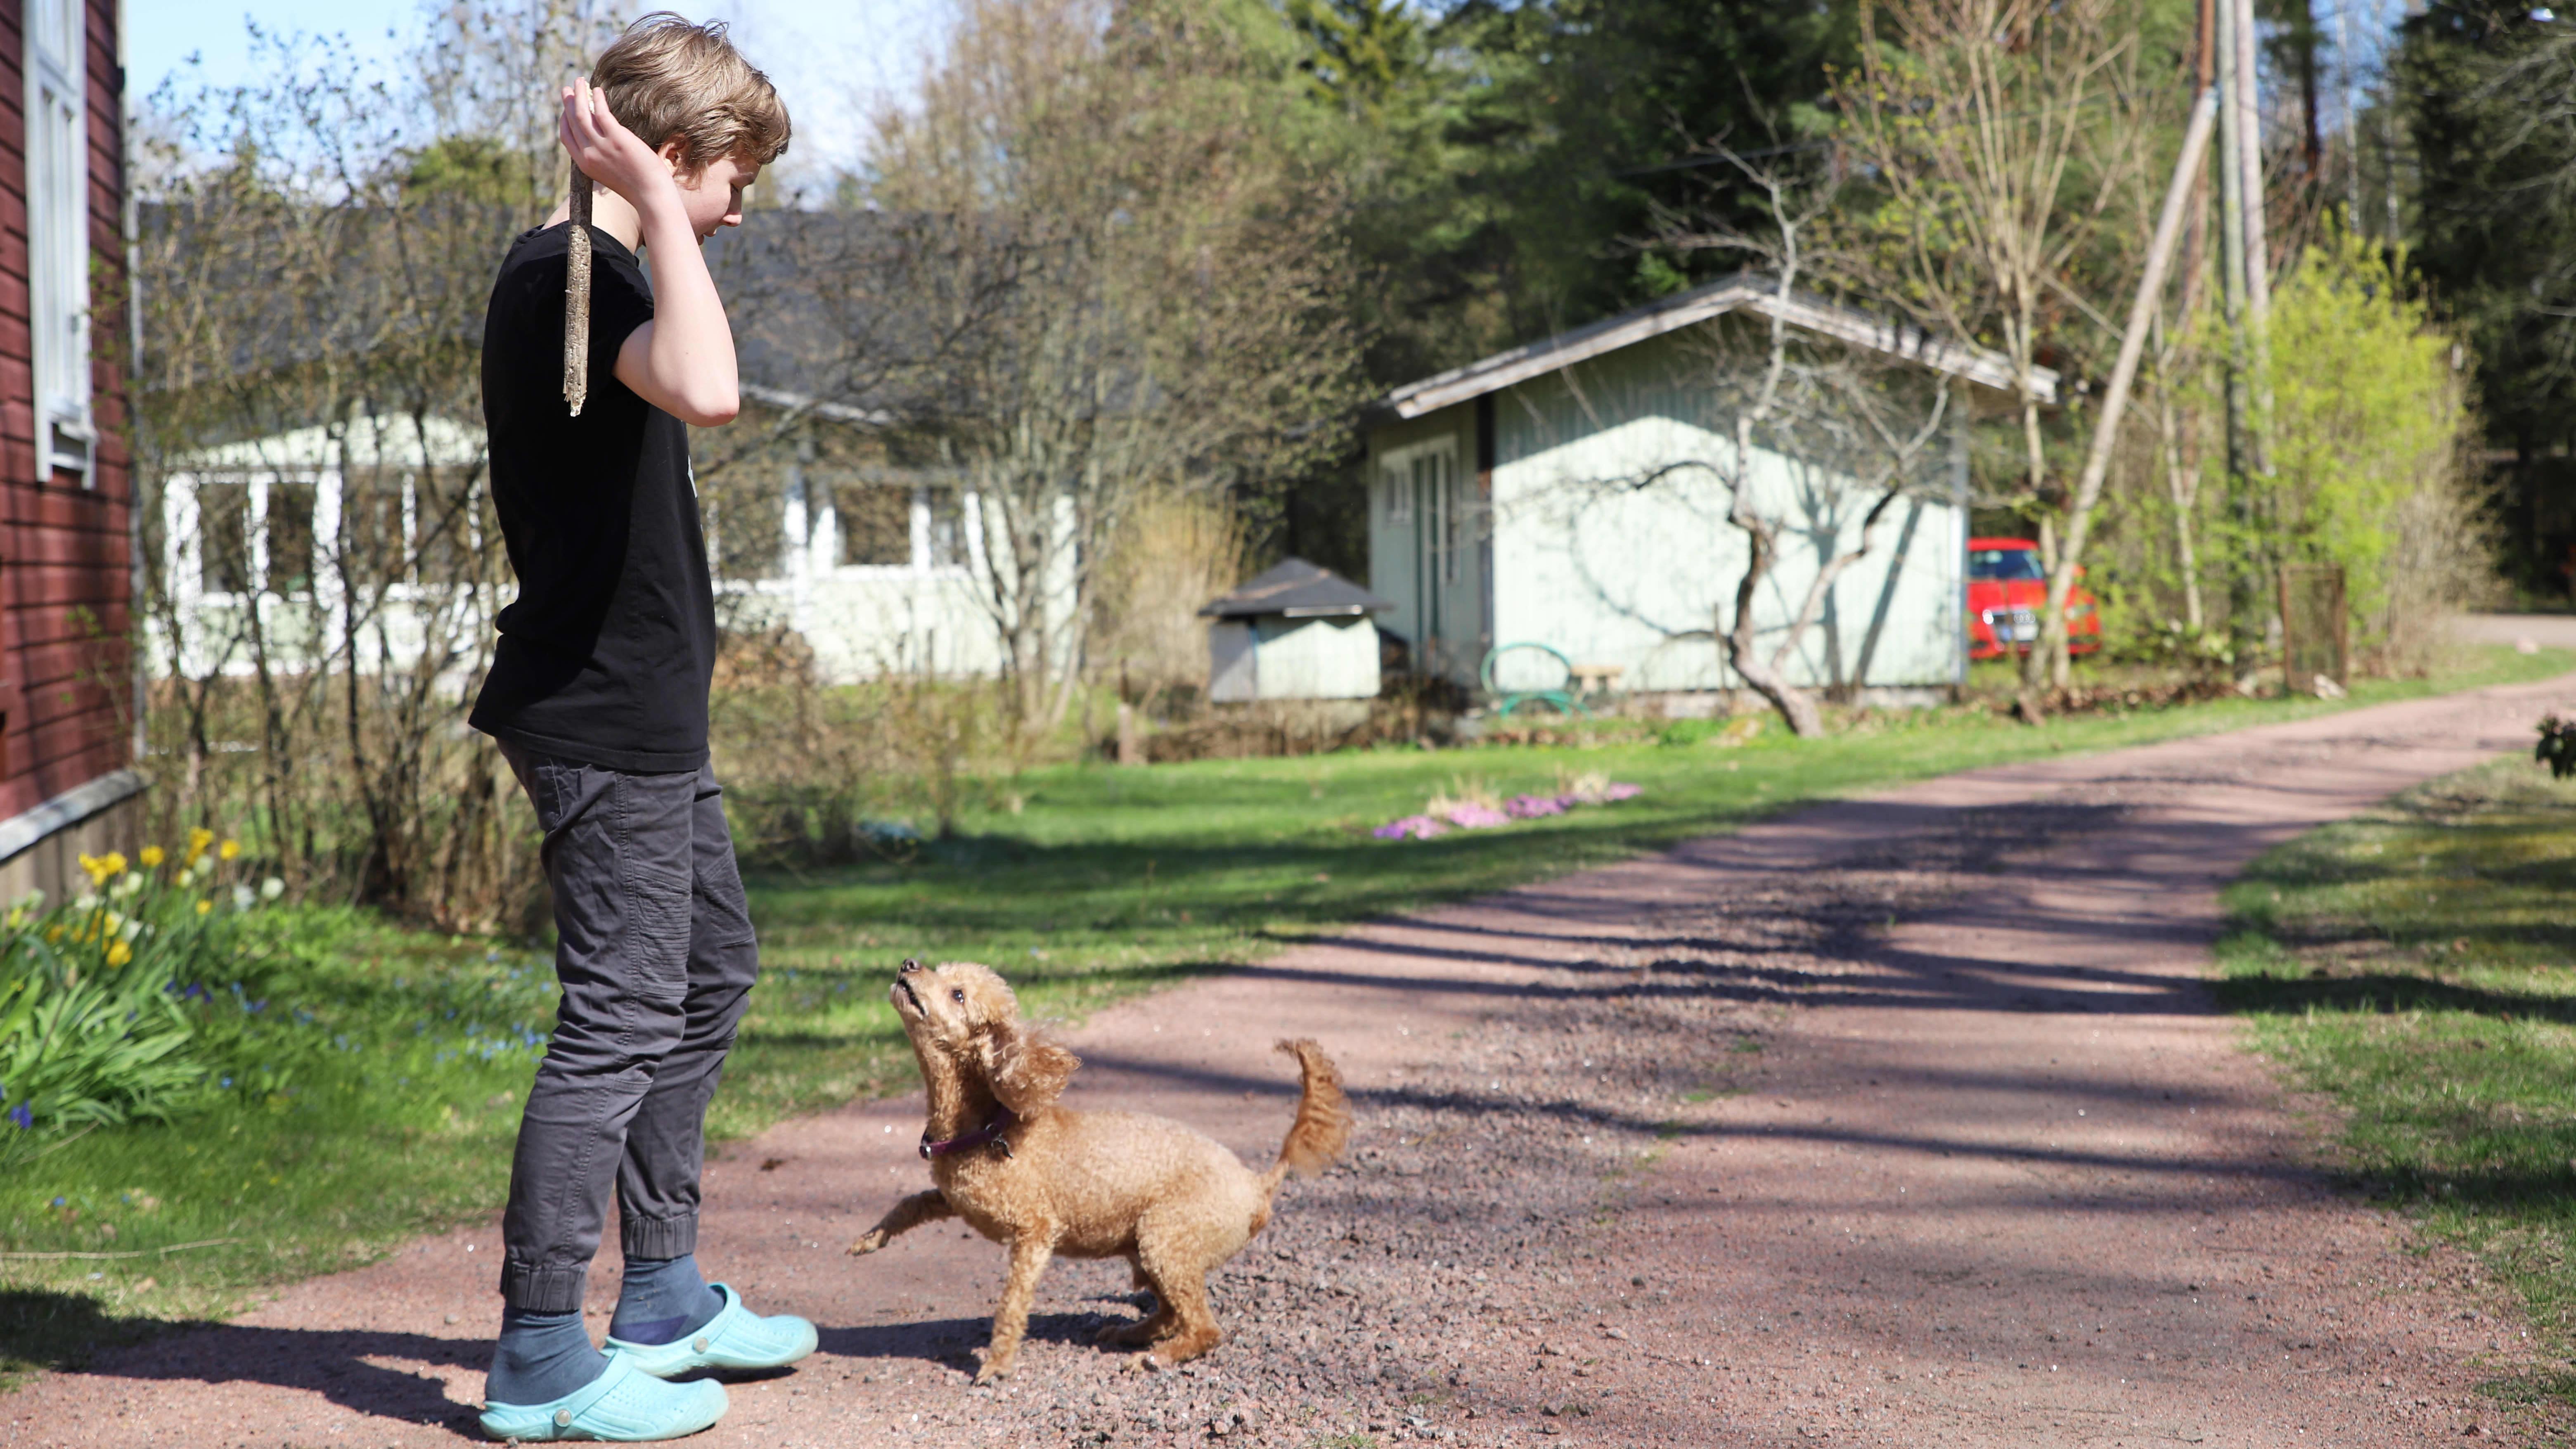 Poika heittää keppiä koiralle